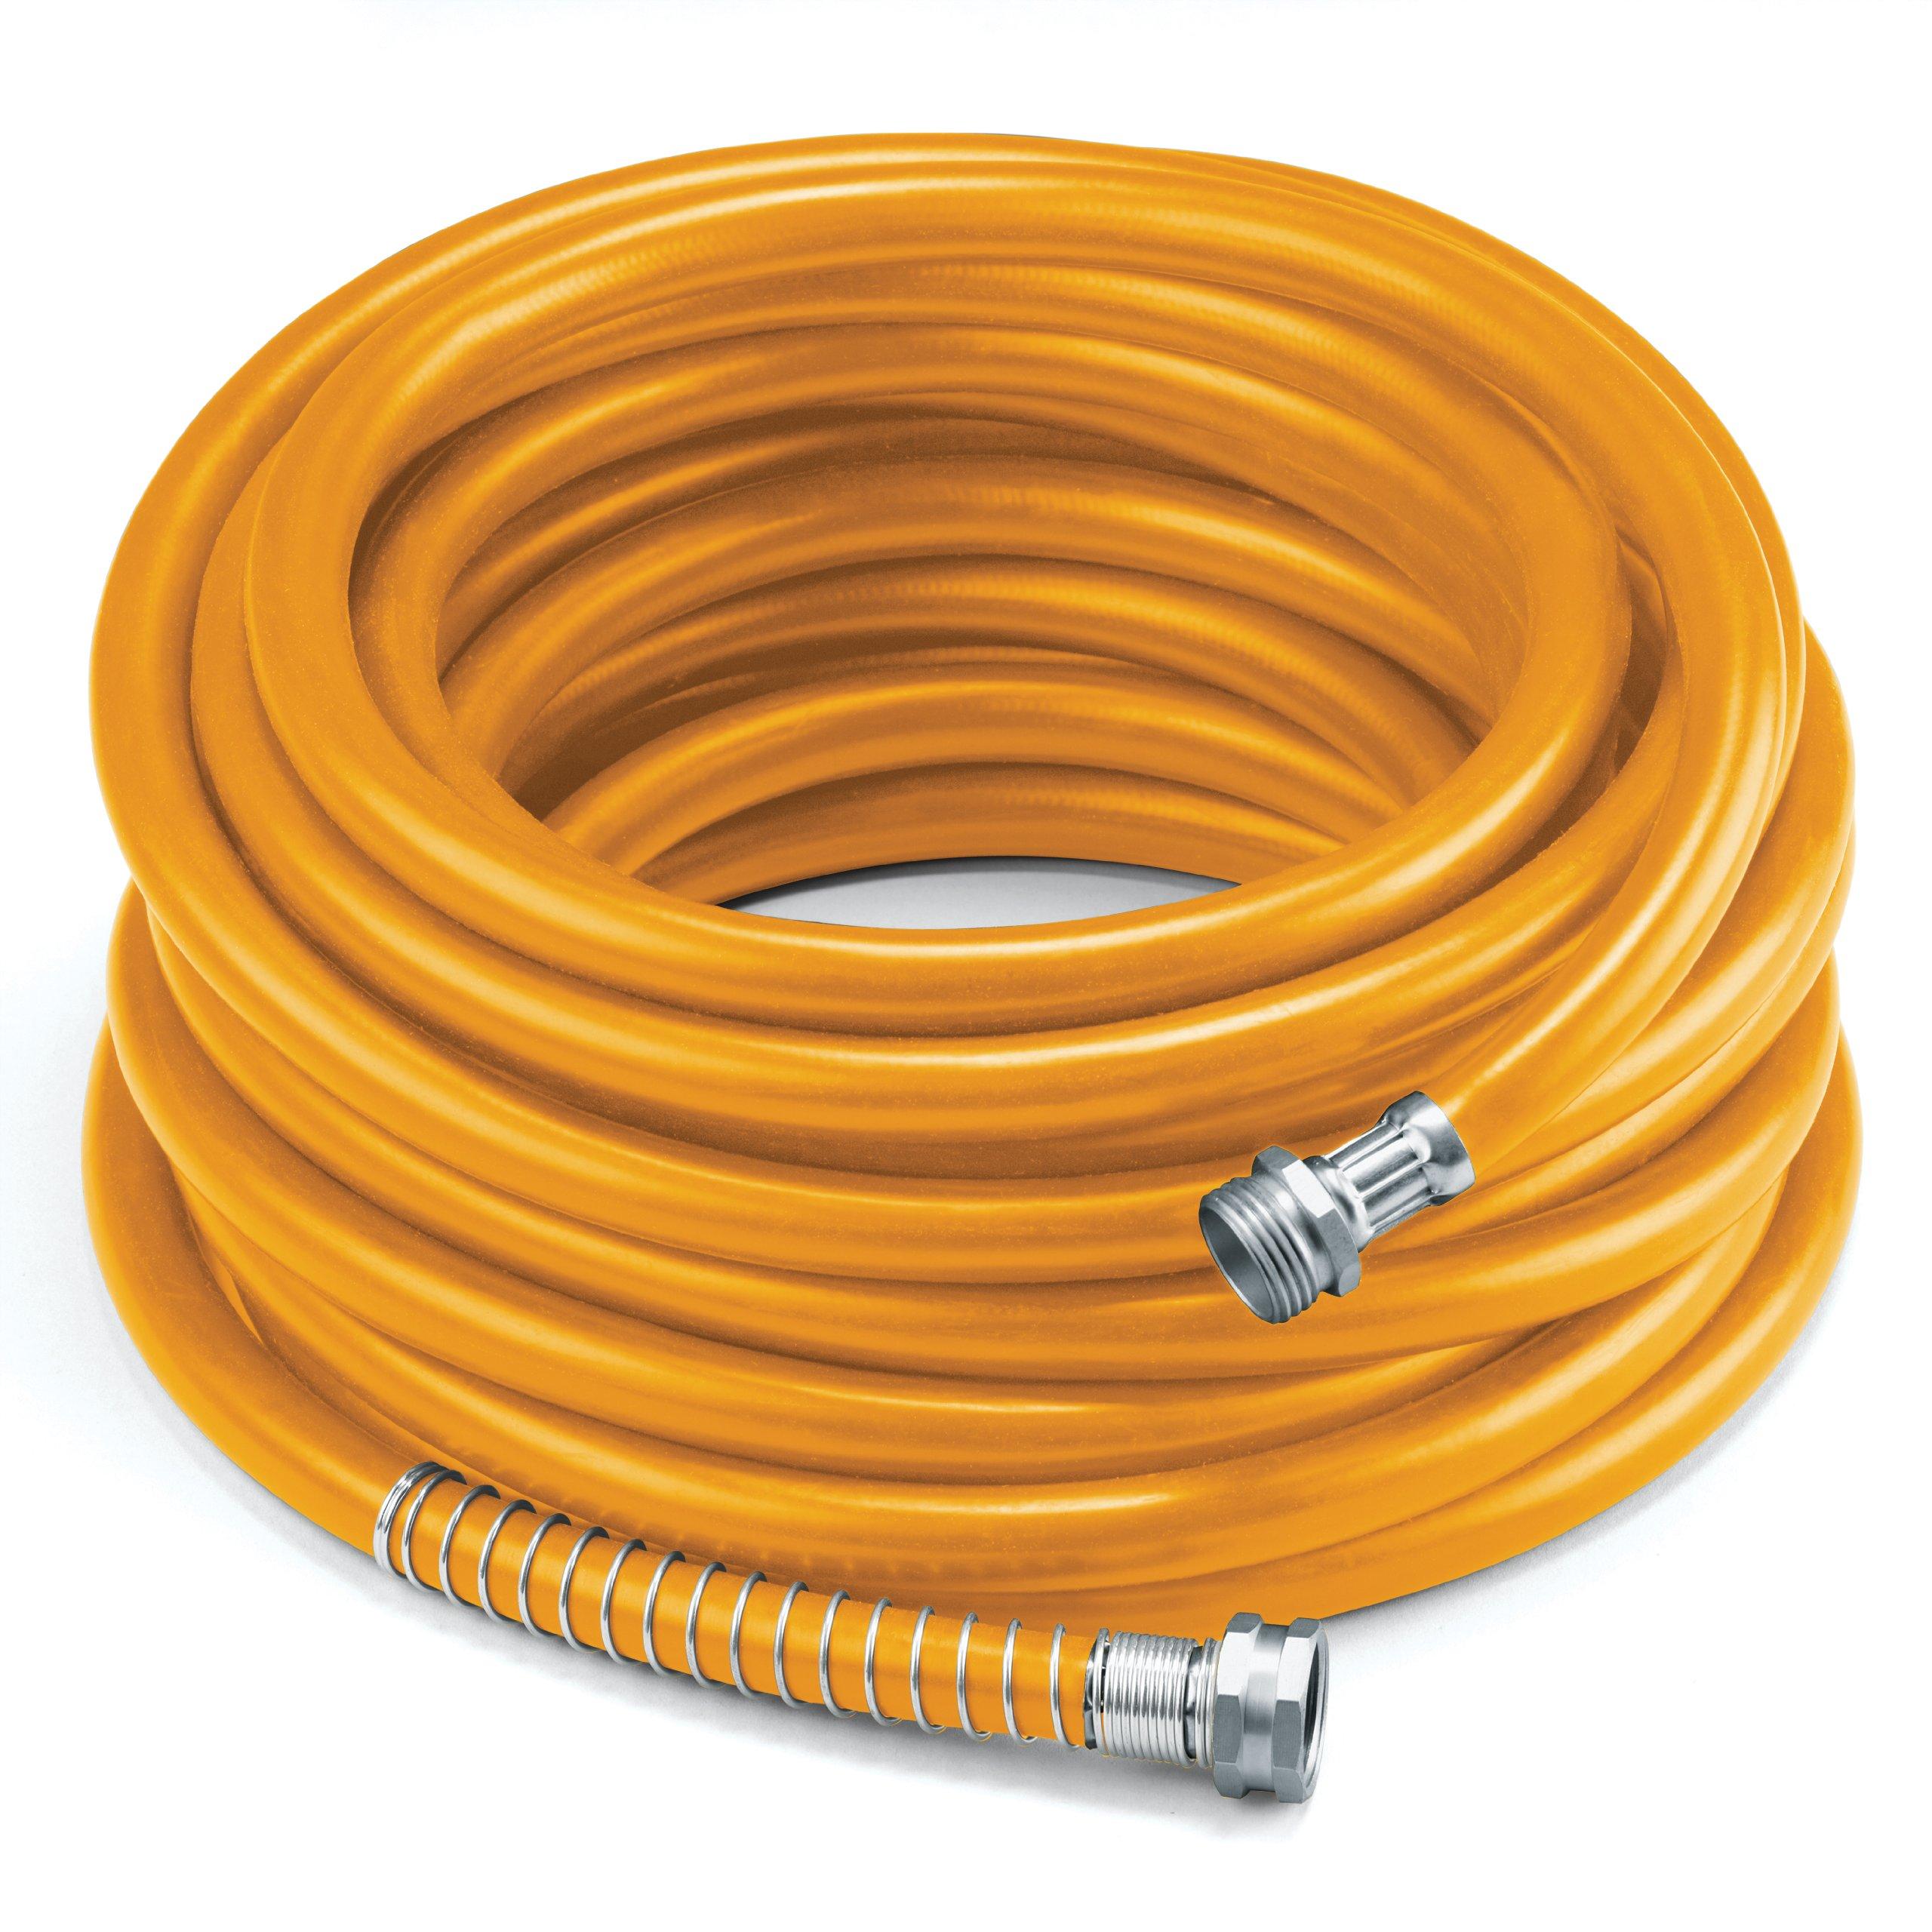 COLOURWAVE Premium Rubber Hose, 5/8-Inch by 100-Feet, Orange